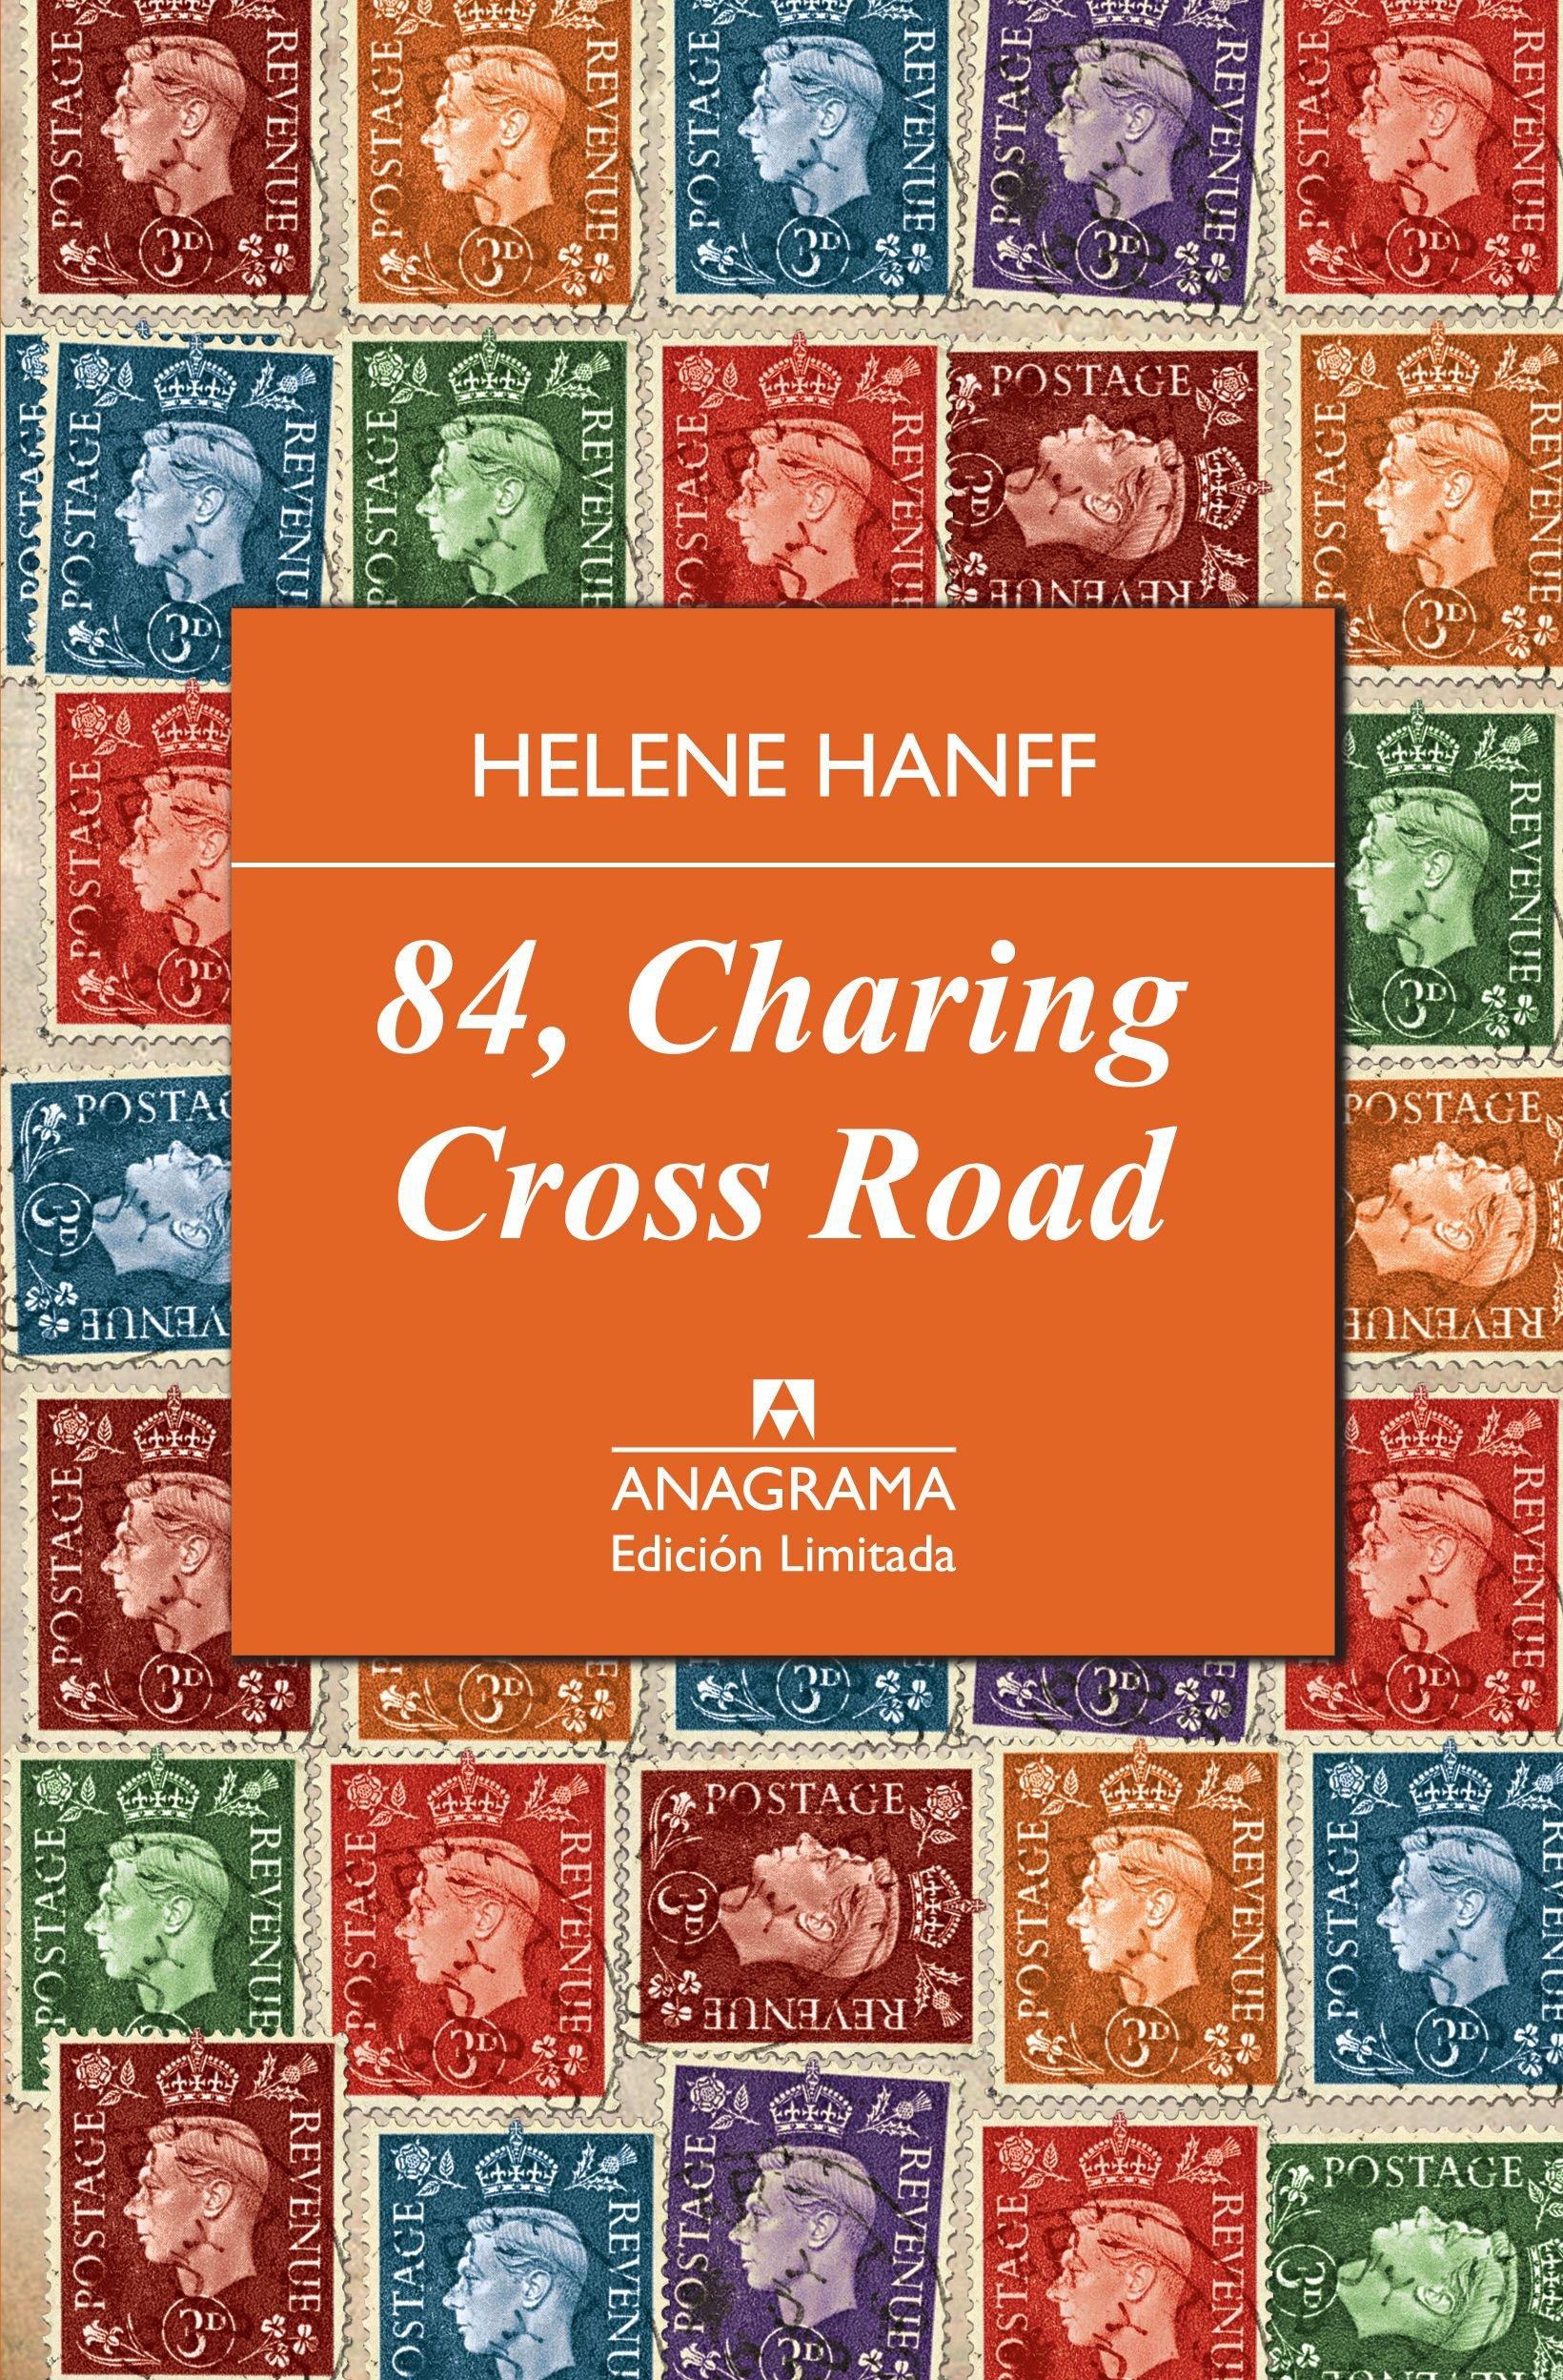 84, Charing Cross Road - Edición Limitada (Edición Especial) Tapa dura – 5 nov 2013 Helene Hanff Thomas Simonnet Javier Calzada Jiménez Anagrama